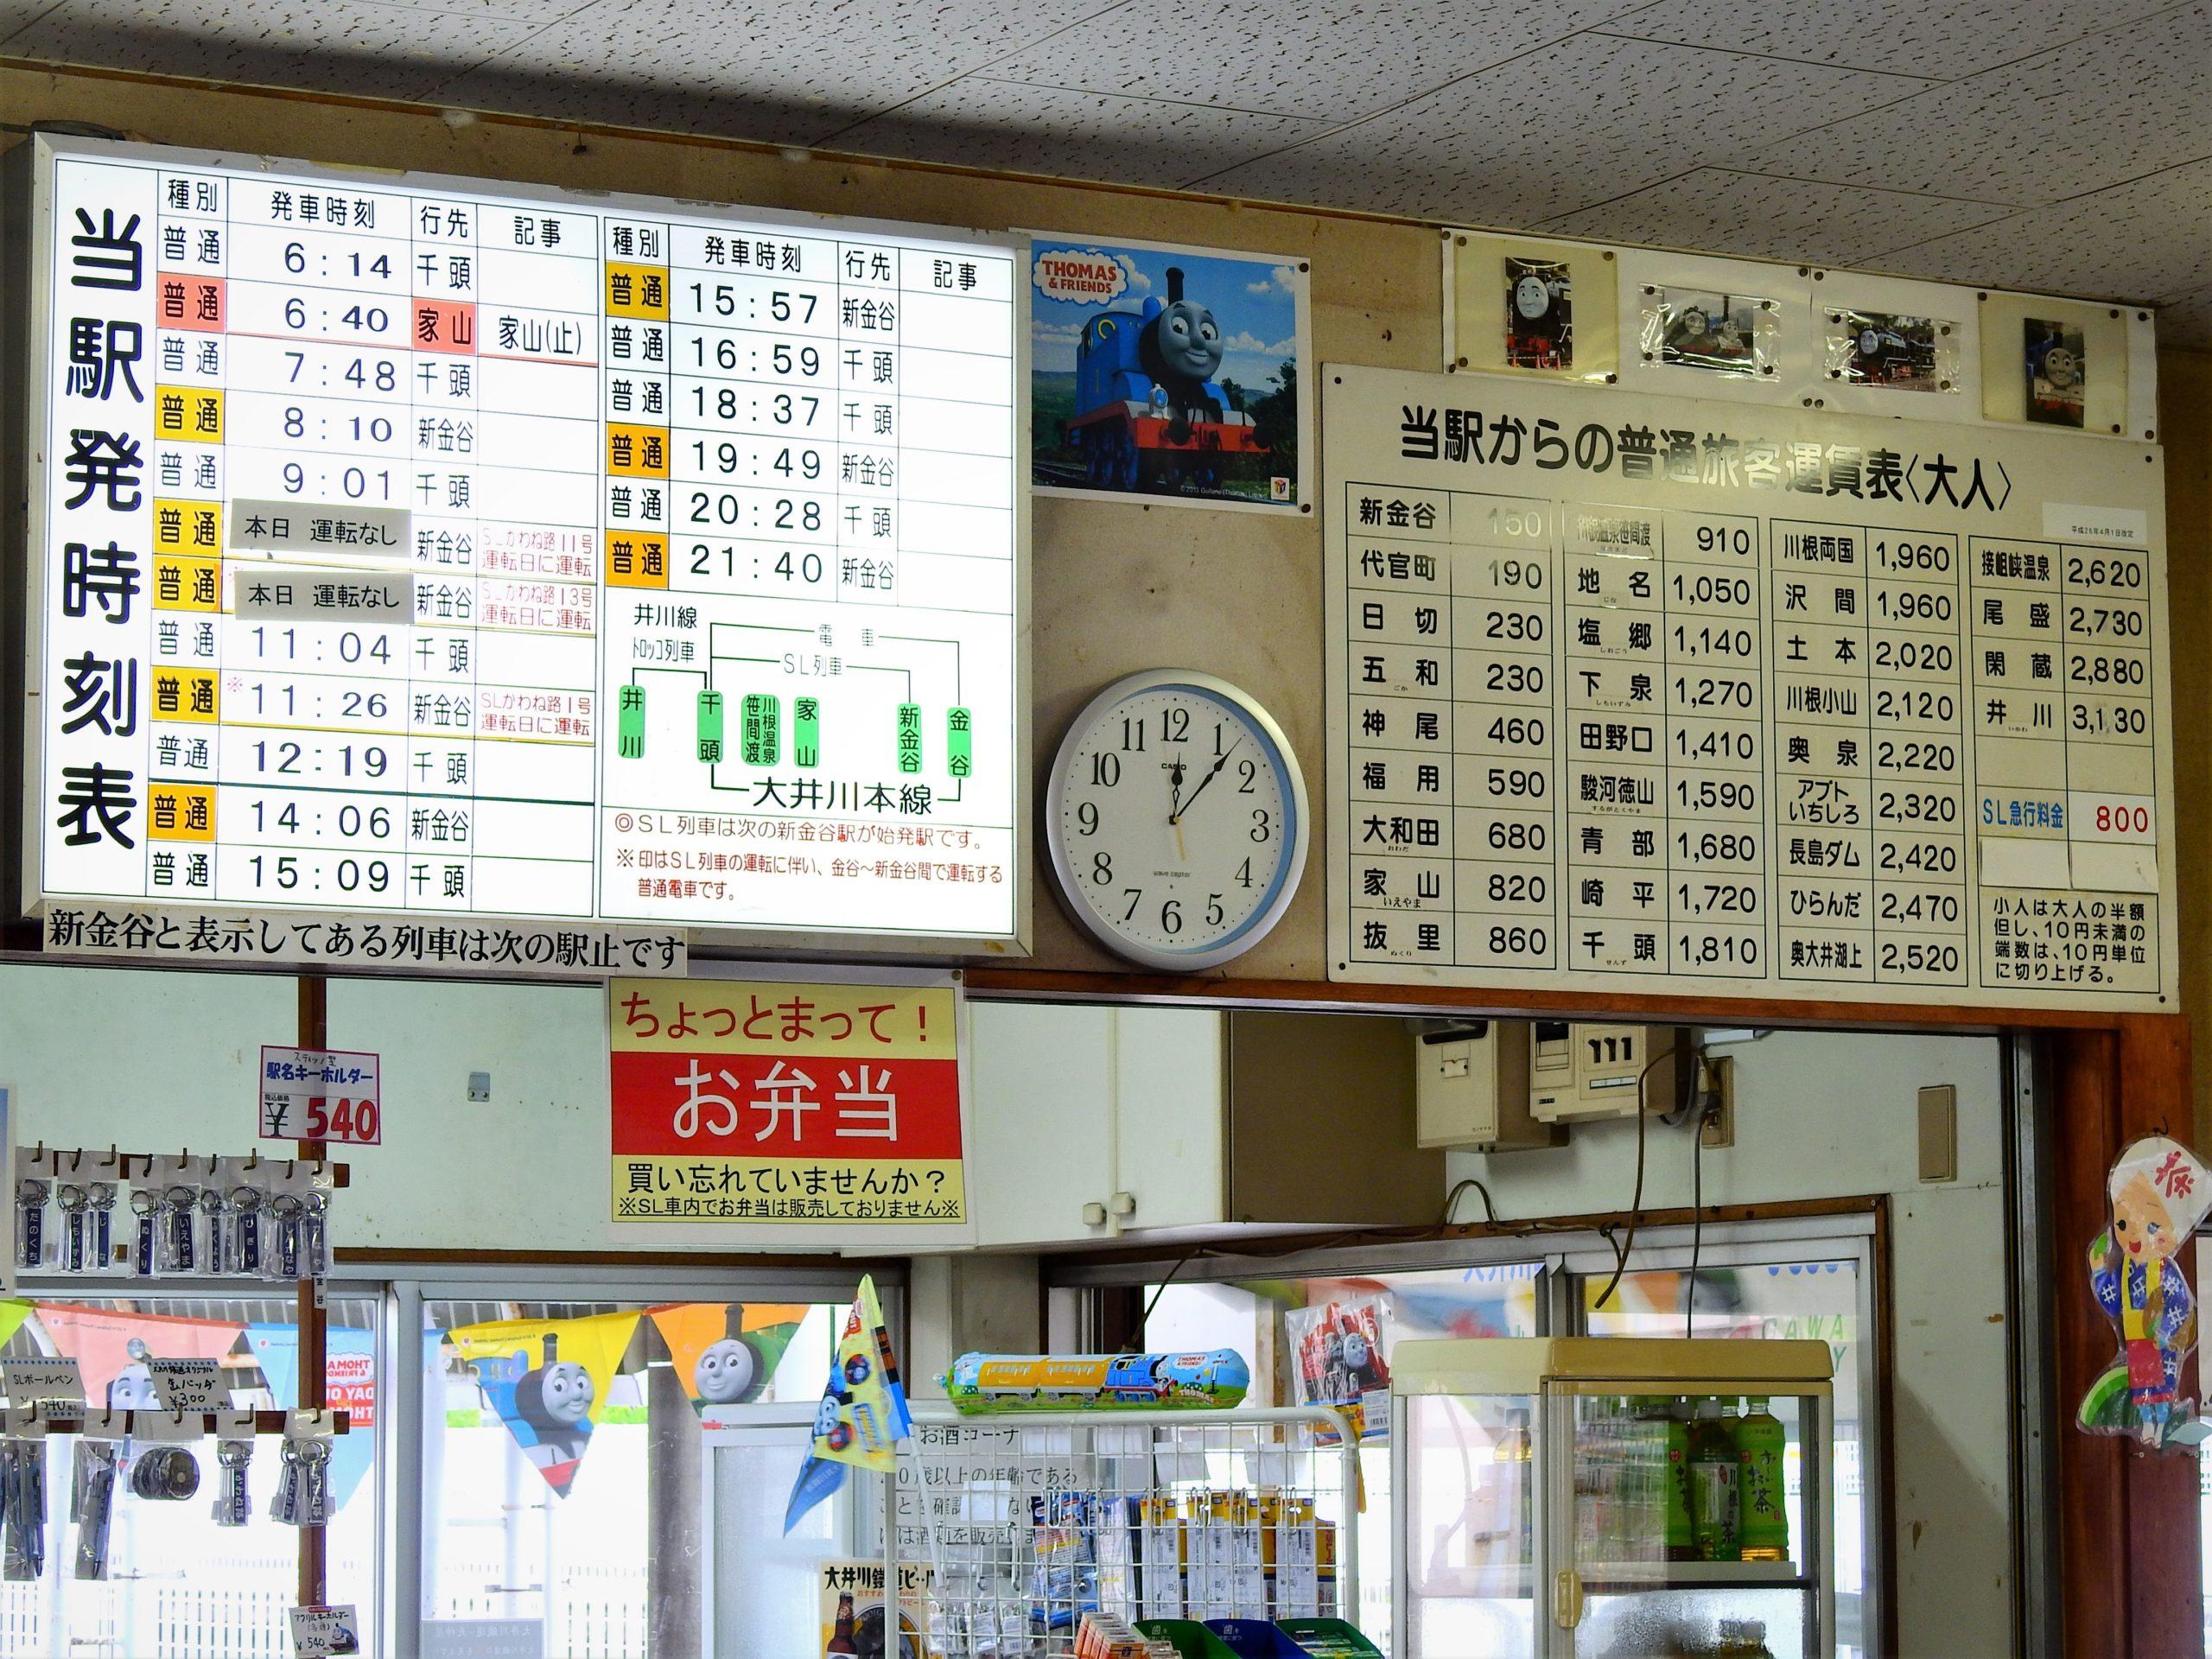 静岡県 金谷駅